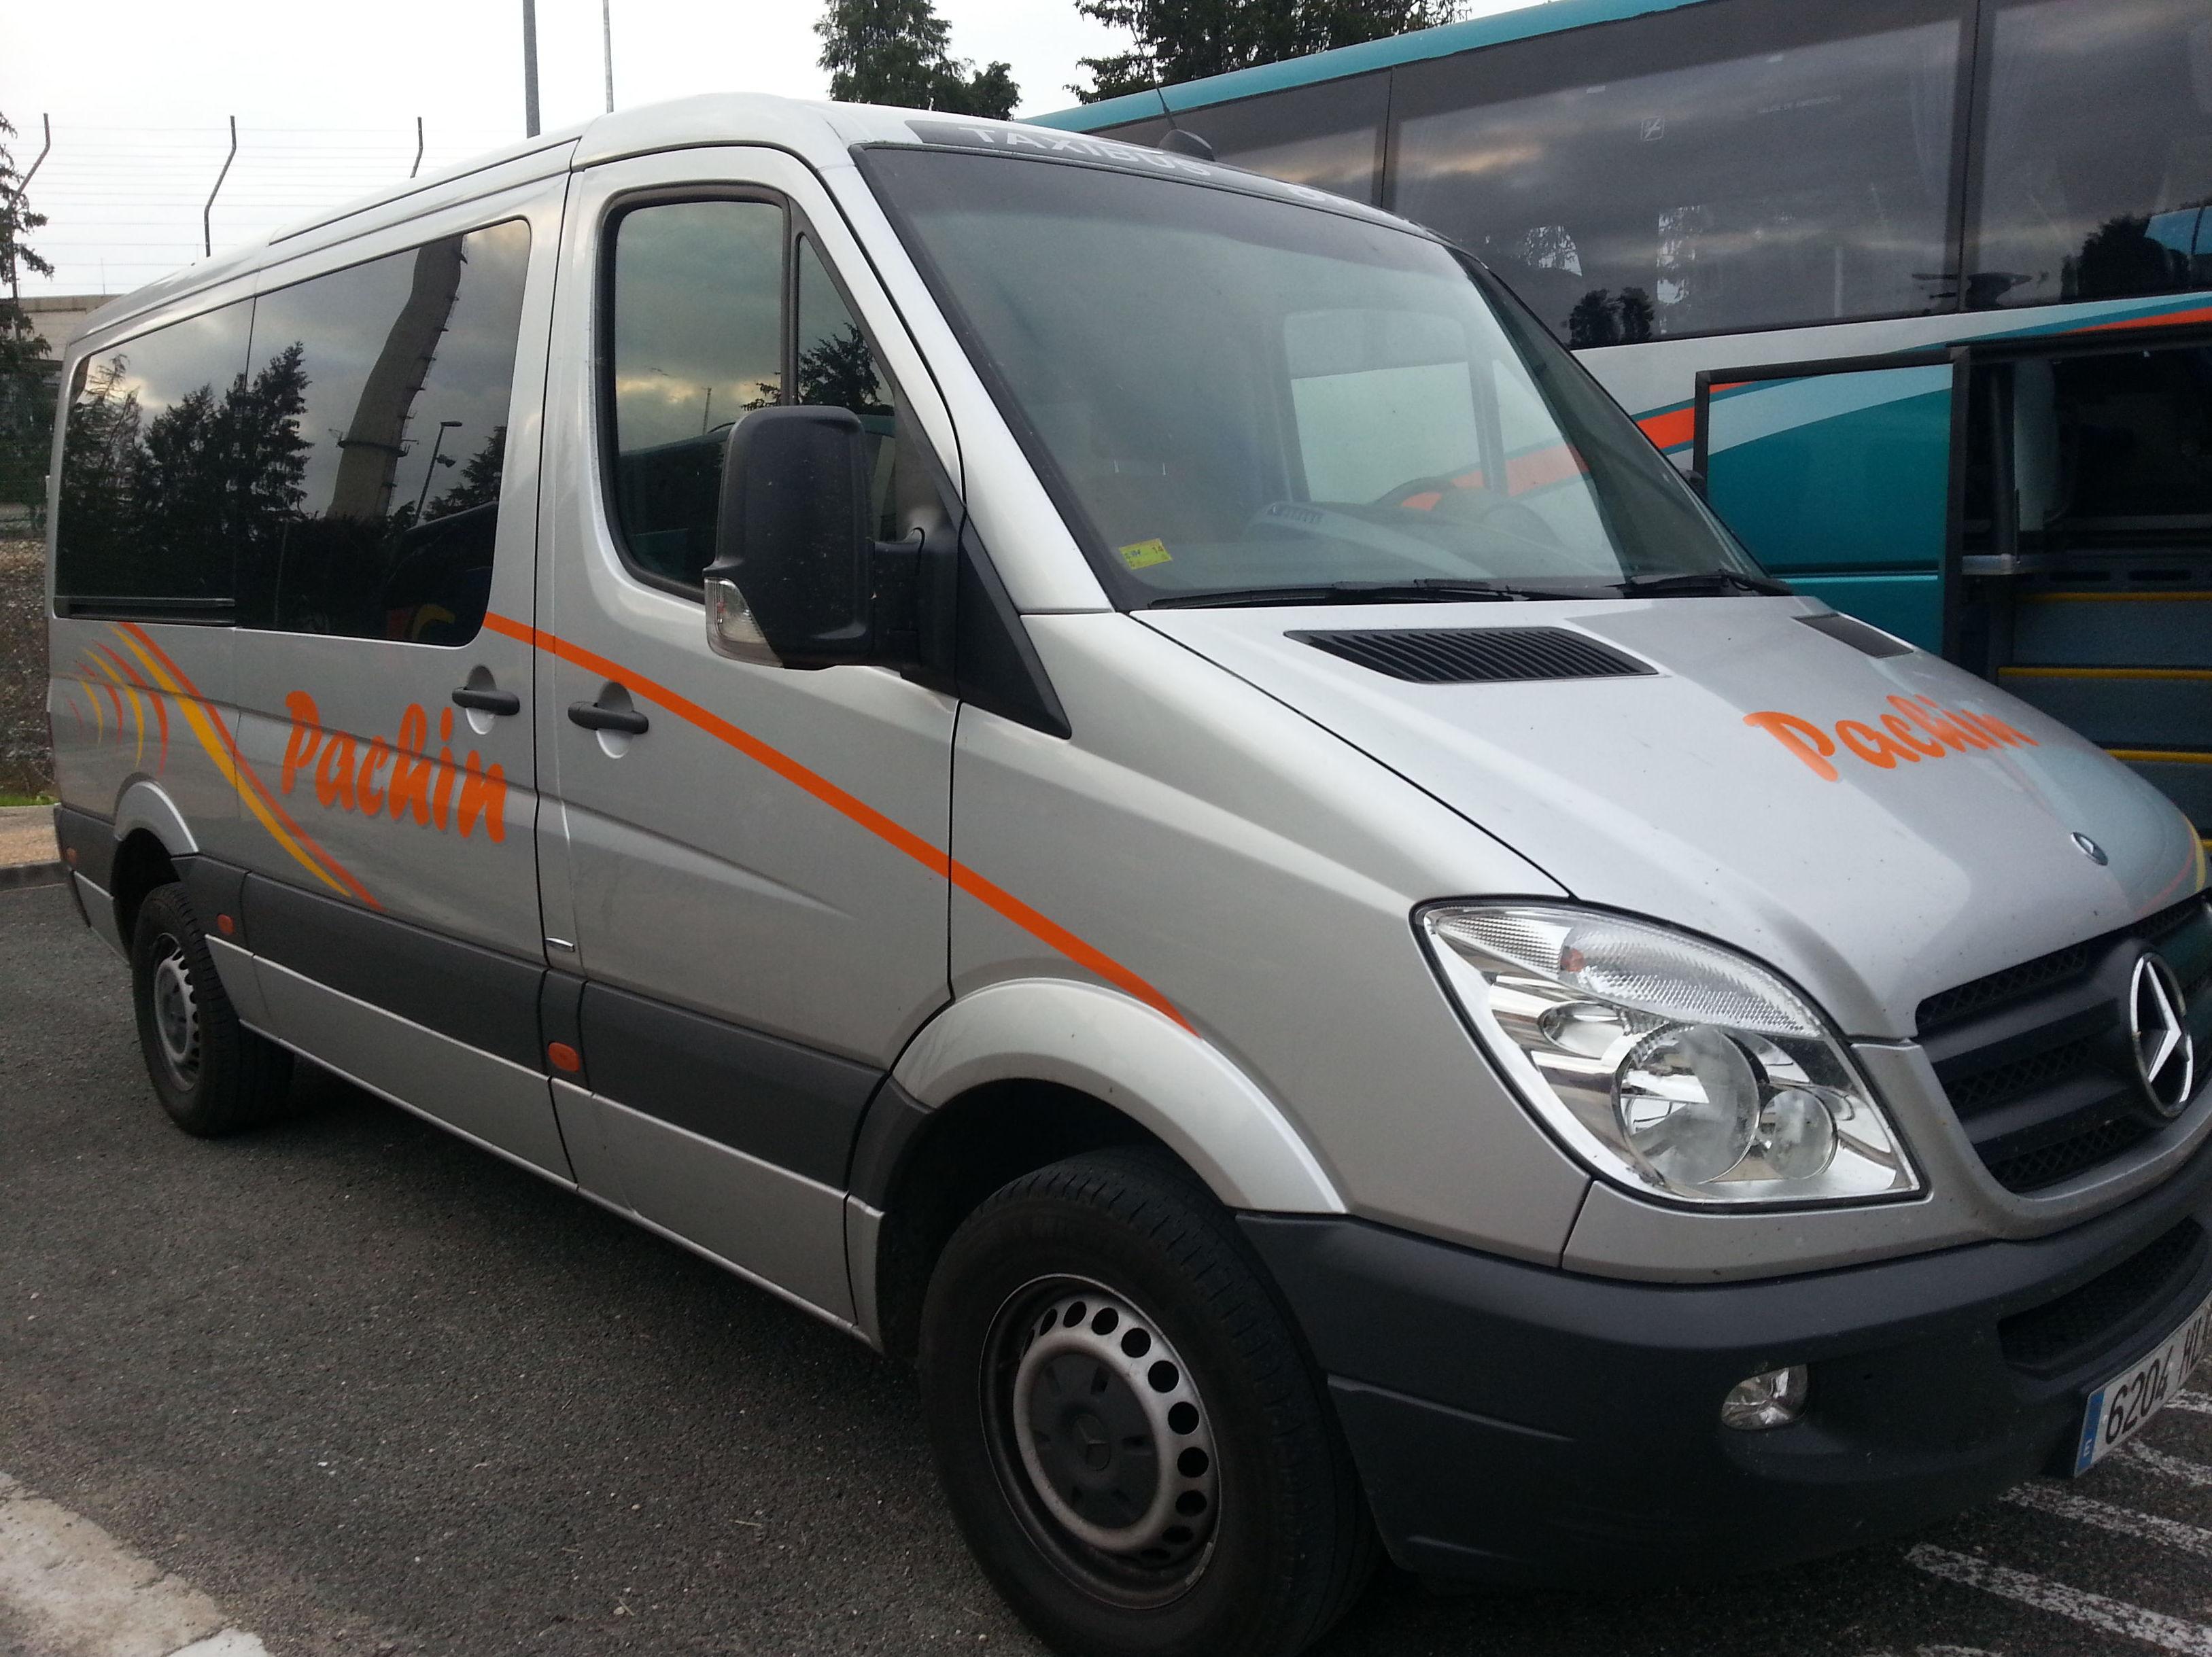 Disponemos de todo tipo de vehículos, autocares, microbuses, taxis...